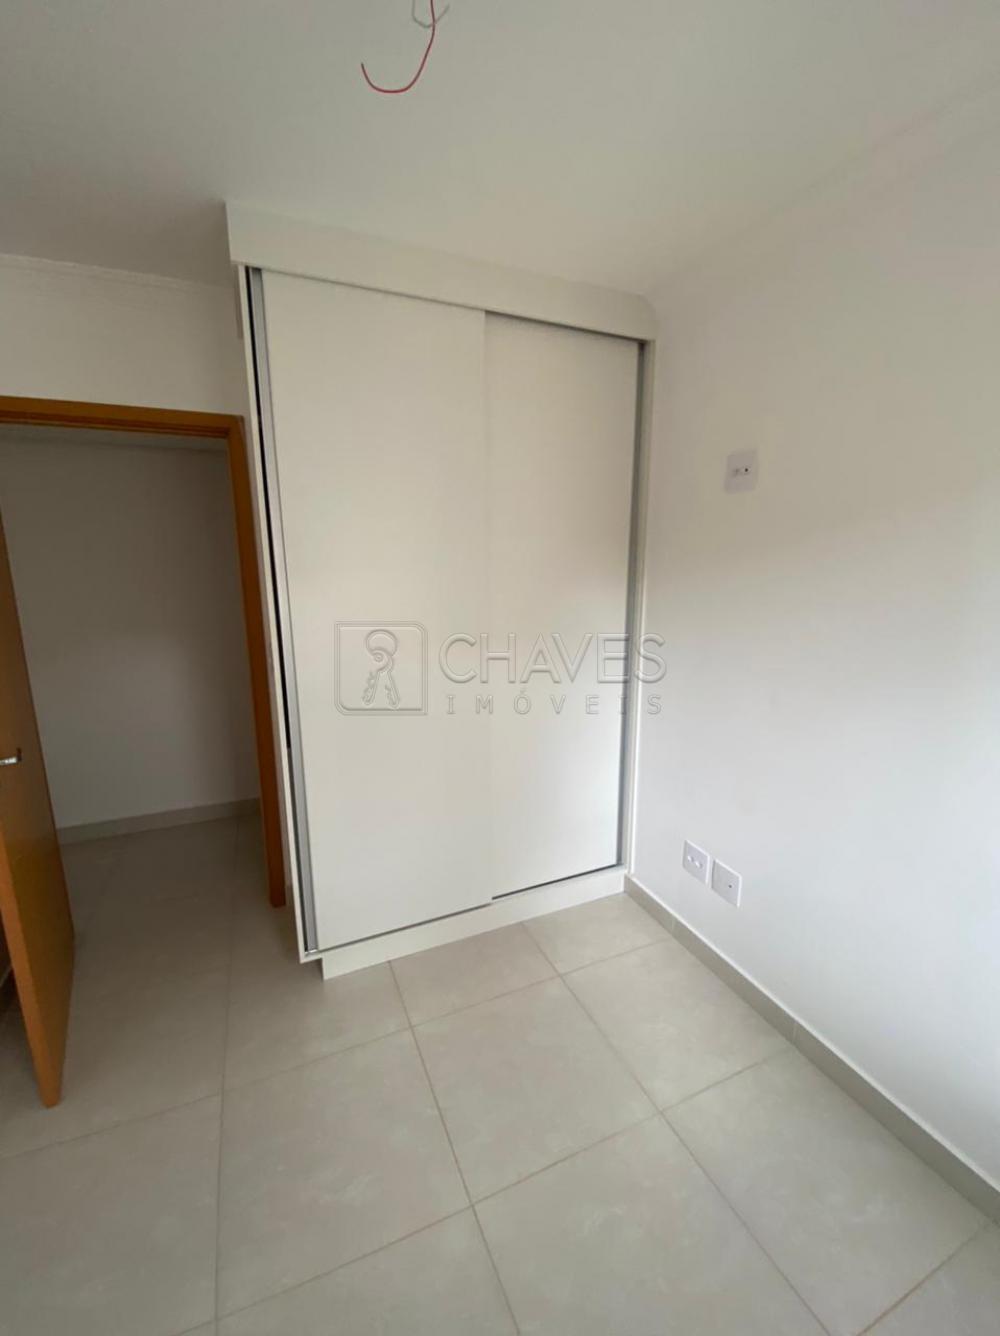 Comprar Apartamento / Padrão em Ribeirão Preto R$ 400.000,00 - Foto 15